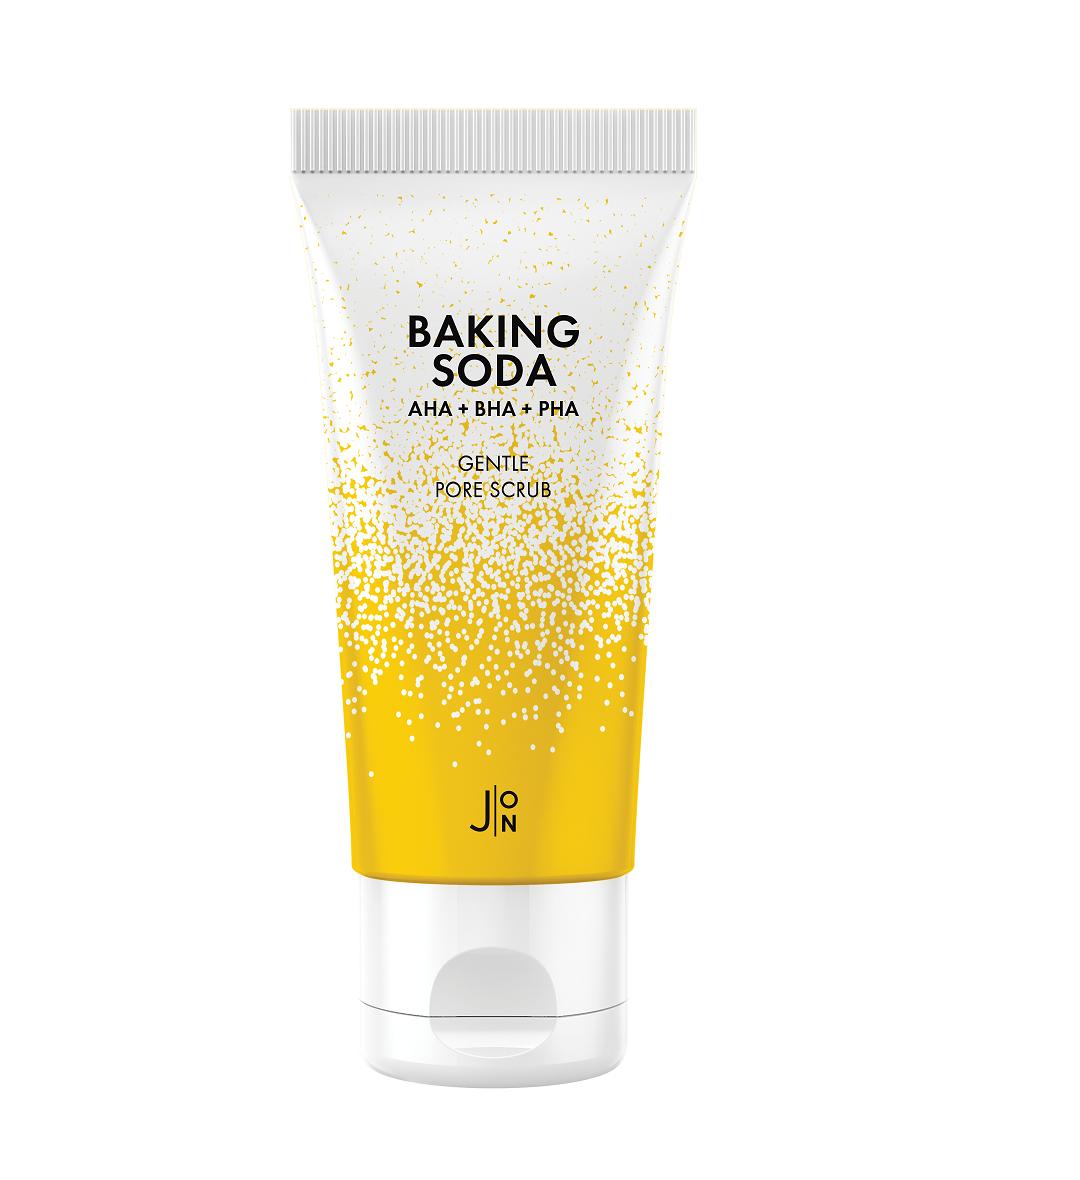 Скраб для лица СОДОВЫЙ Baking Soda Gentle Pore Scrub, 50 гр J:ON